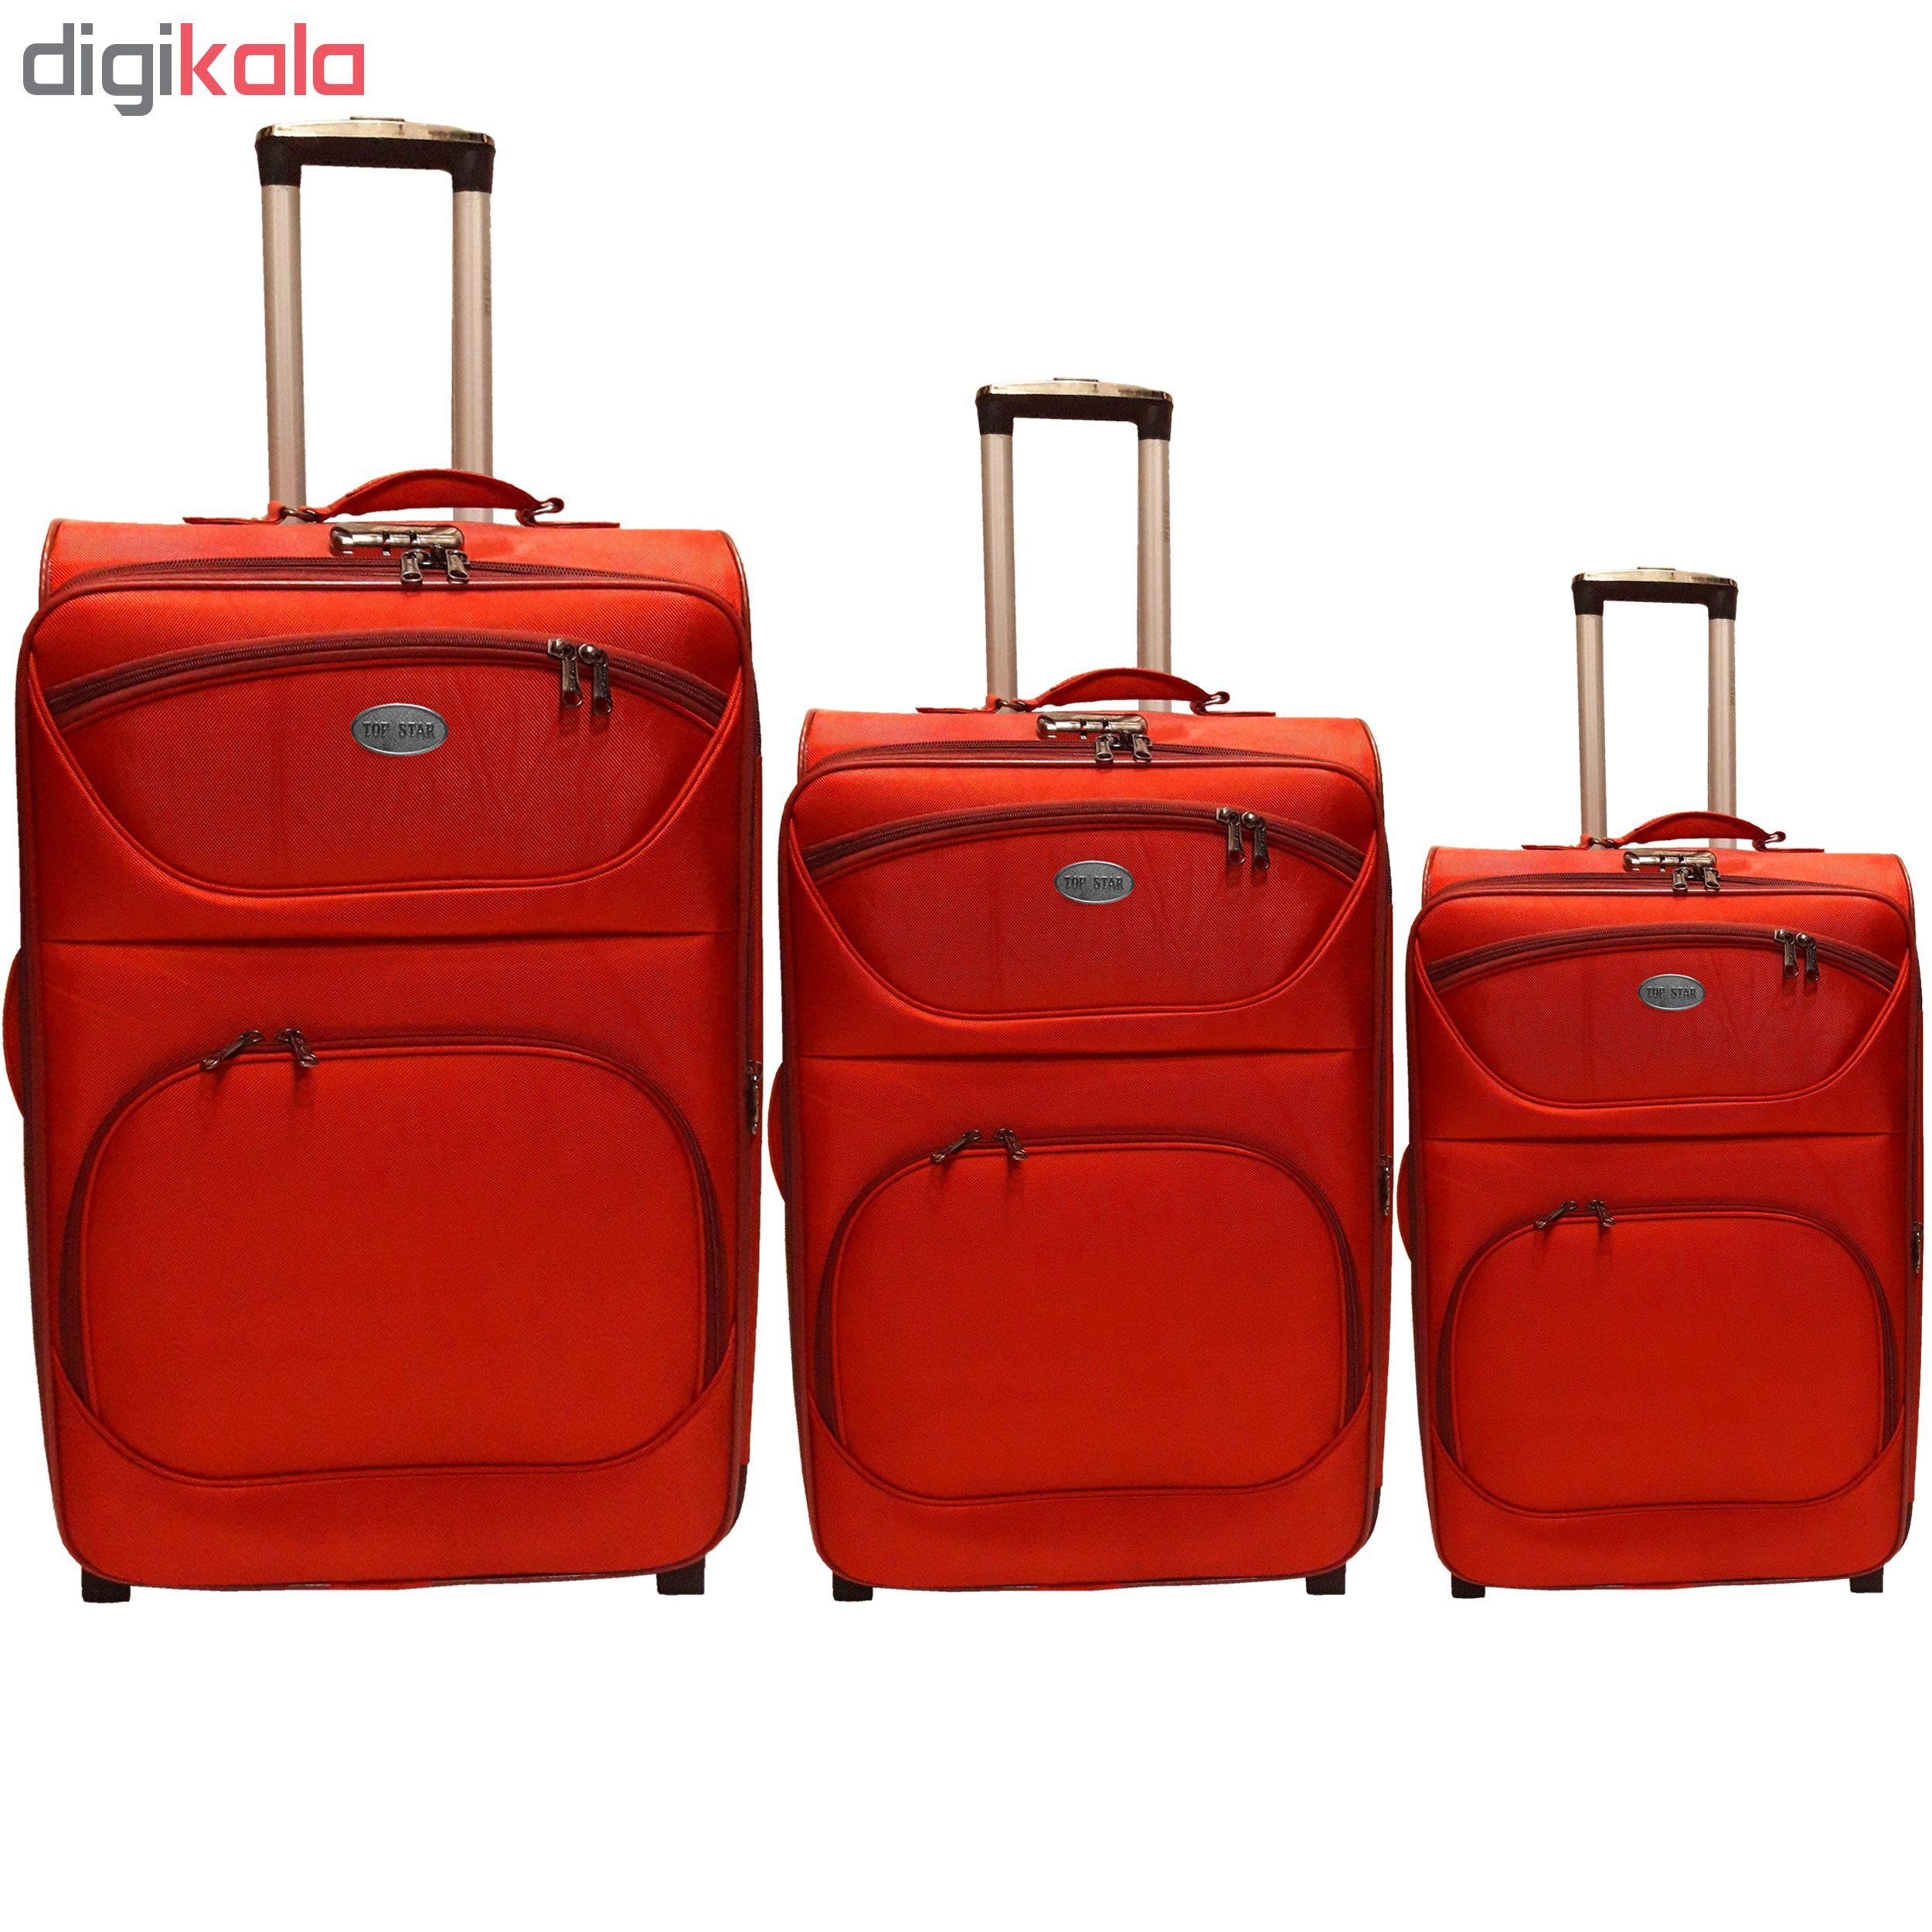 مجموعه سه عددی چمدان تاپ استار مدل t3 main 1 2